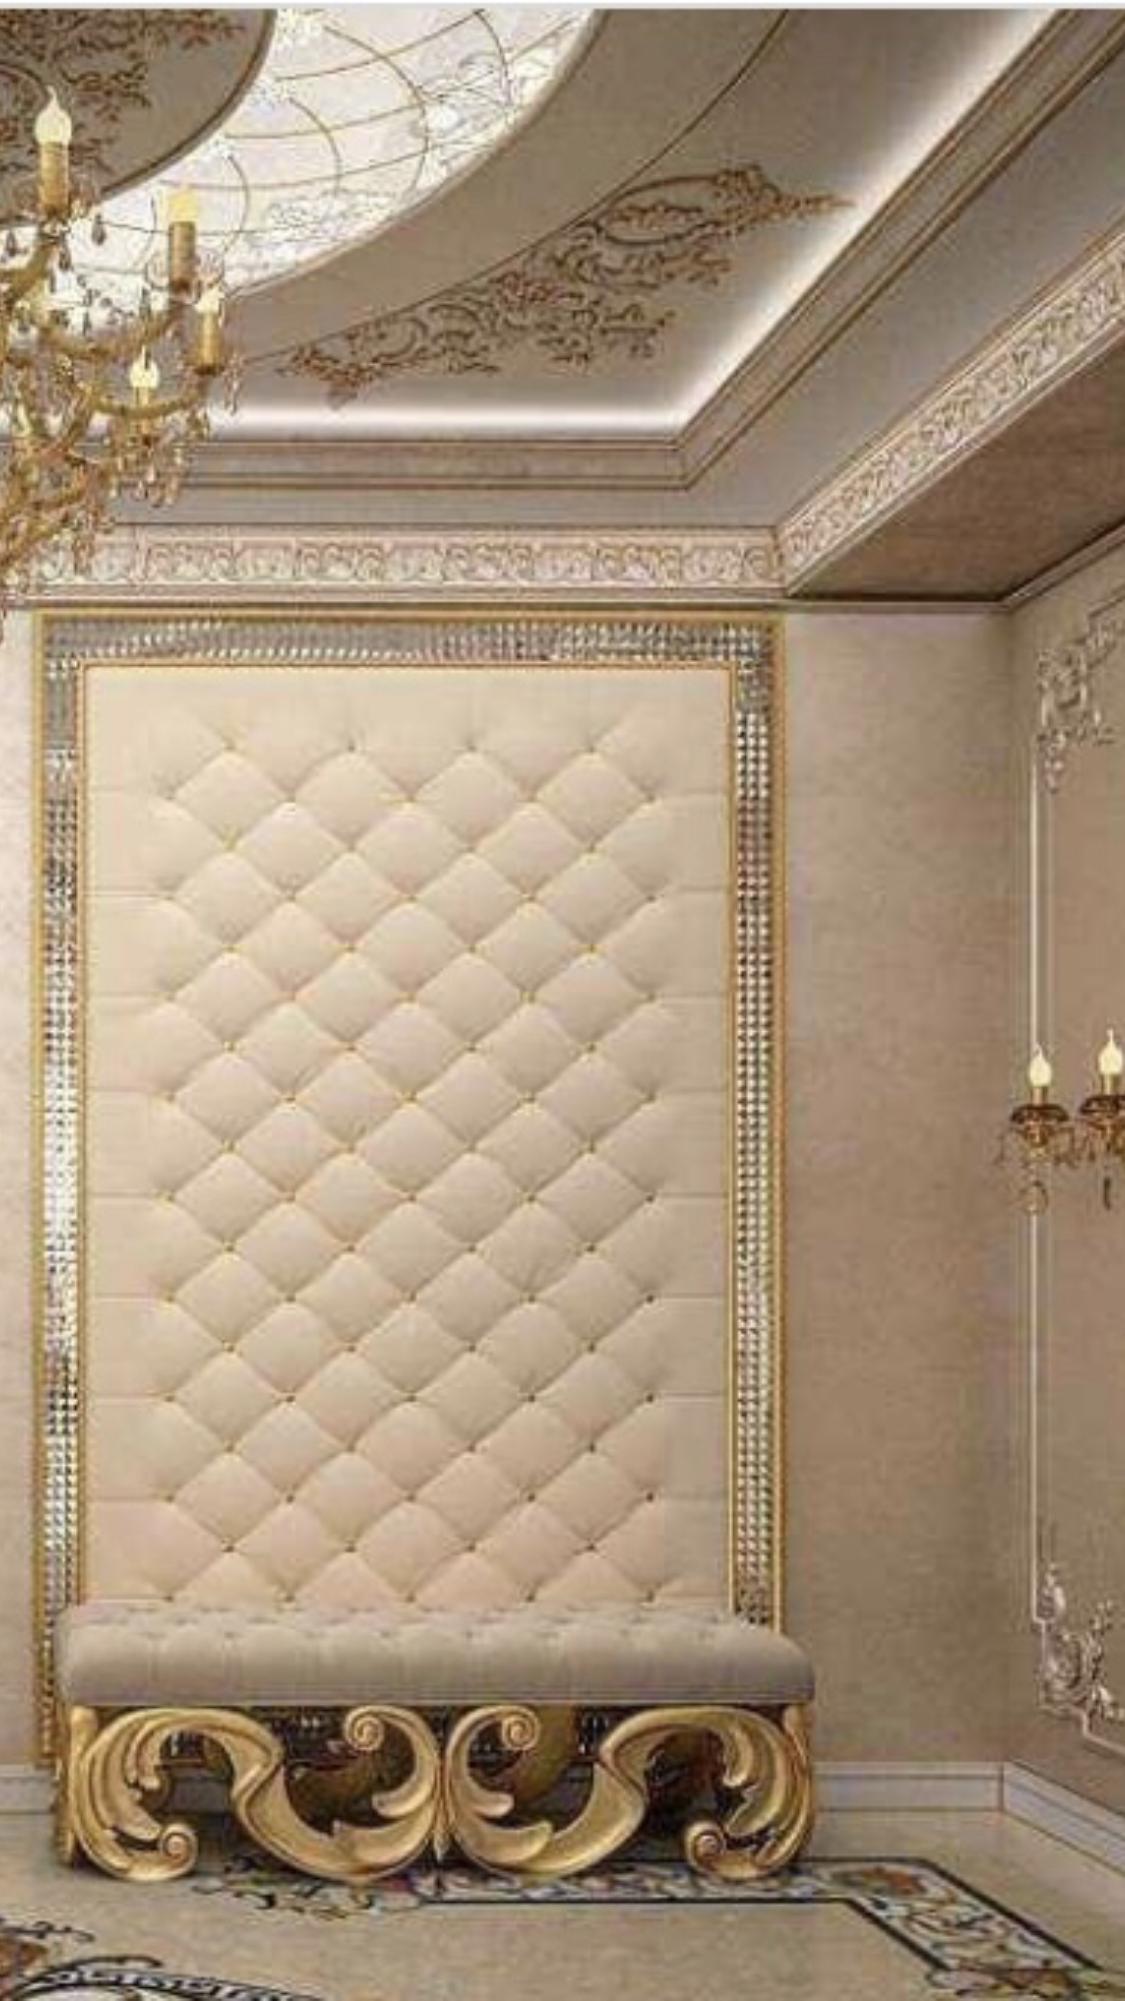 Pin By Maisoon On مداخل للبيت Decor Roman Shade Curtain Home Decor